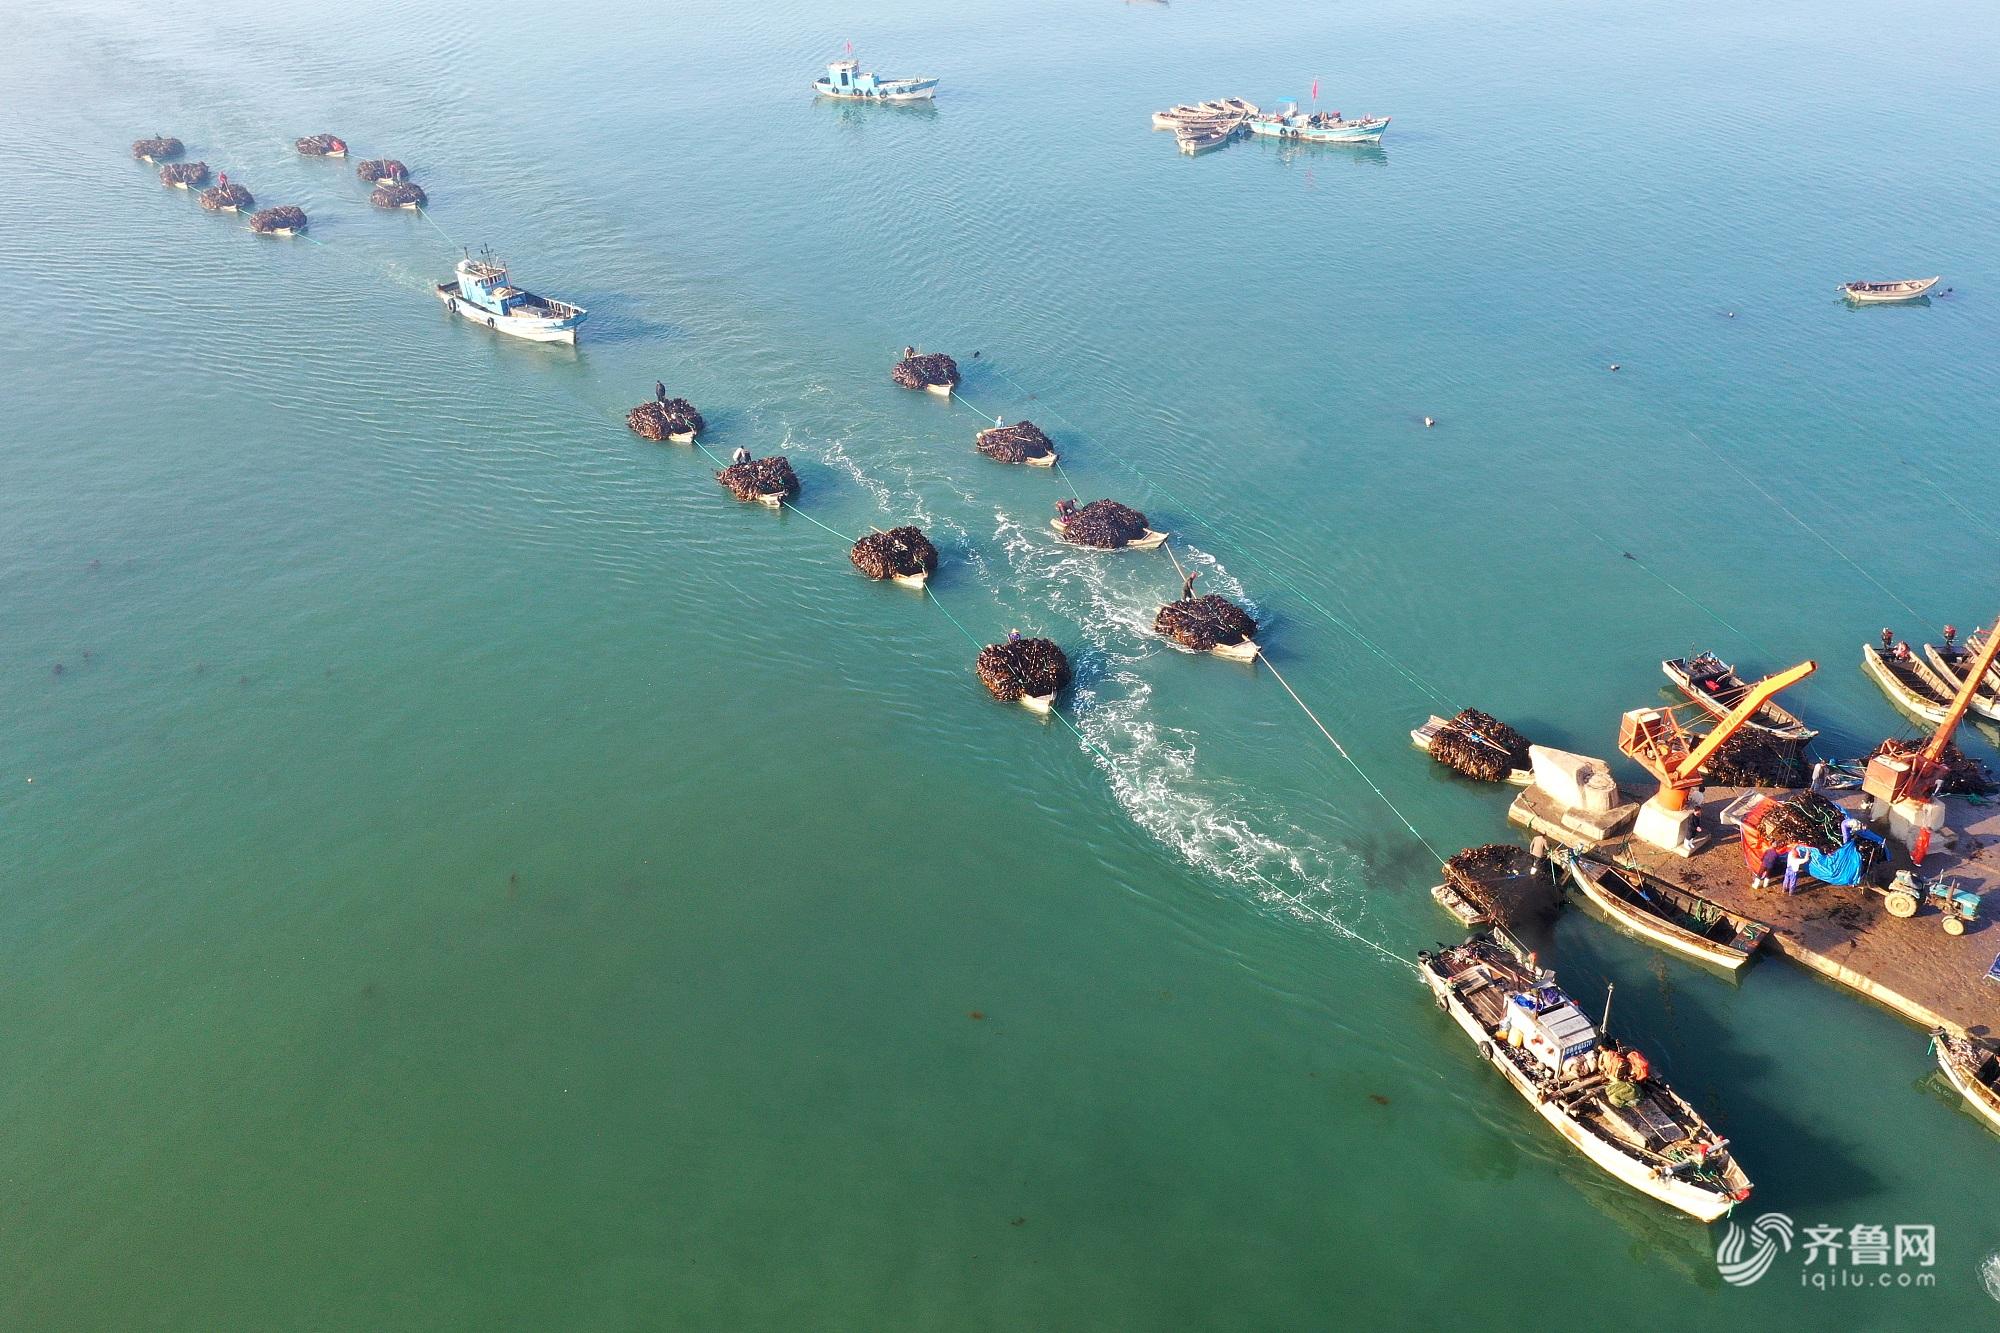 中国港口协会网_海上夏收!山东威海:海带收获忙_热点新闻_图片频道_齐鲁网